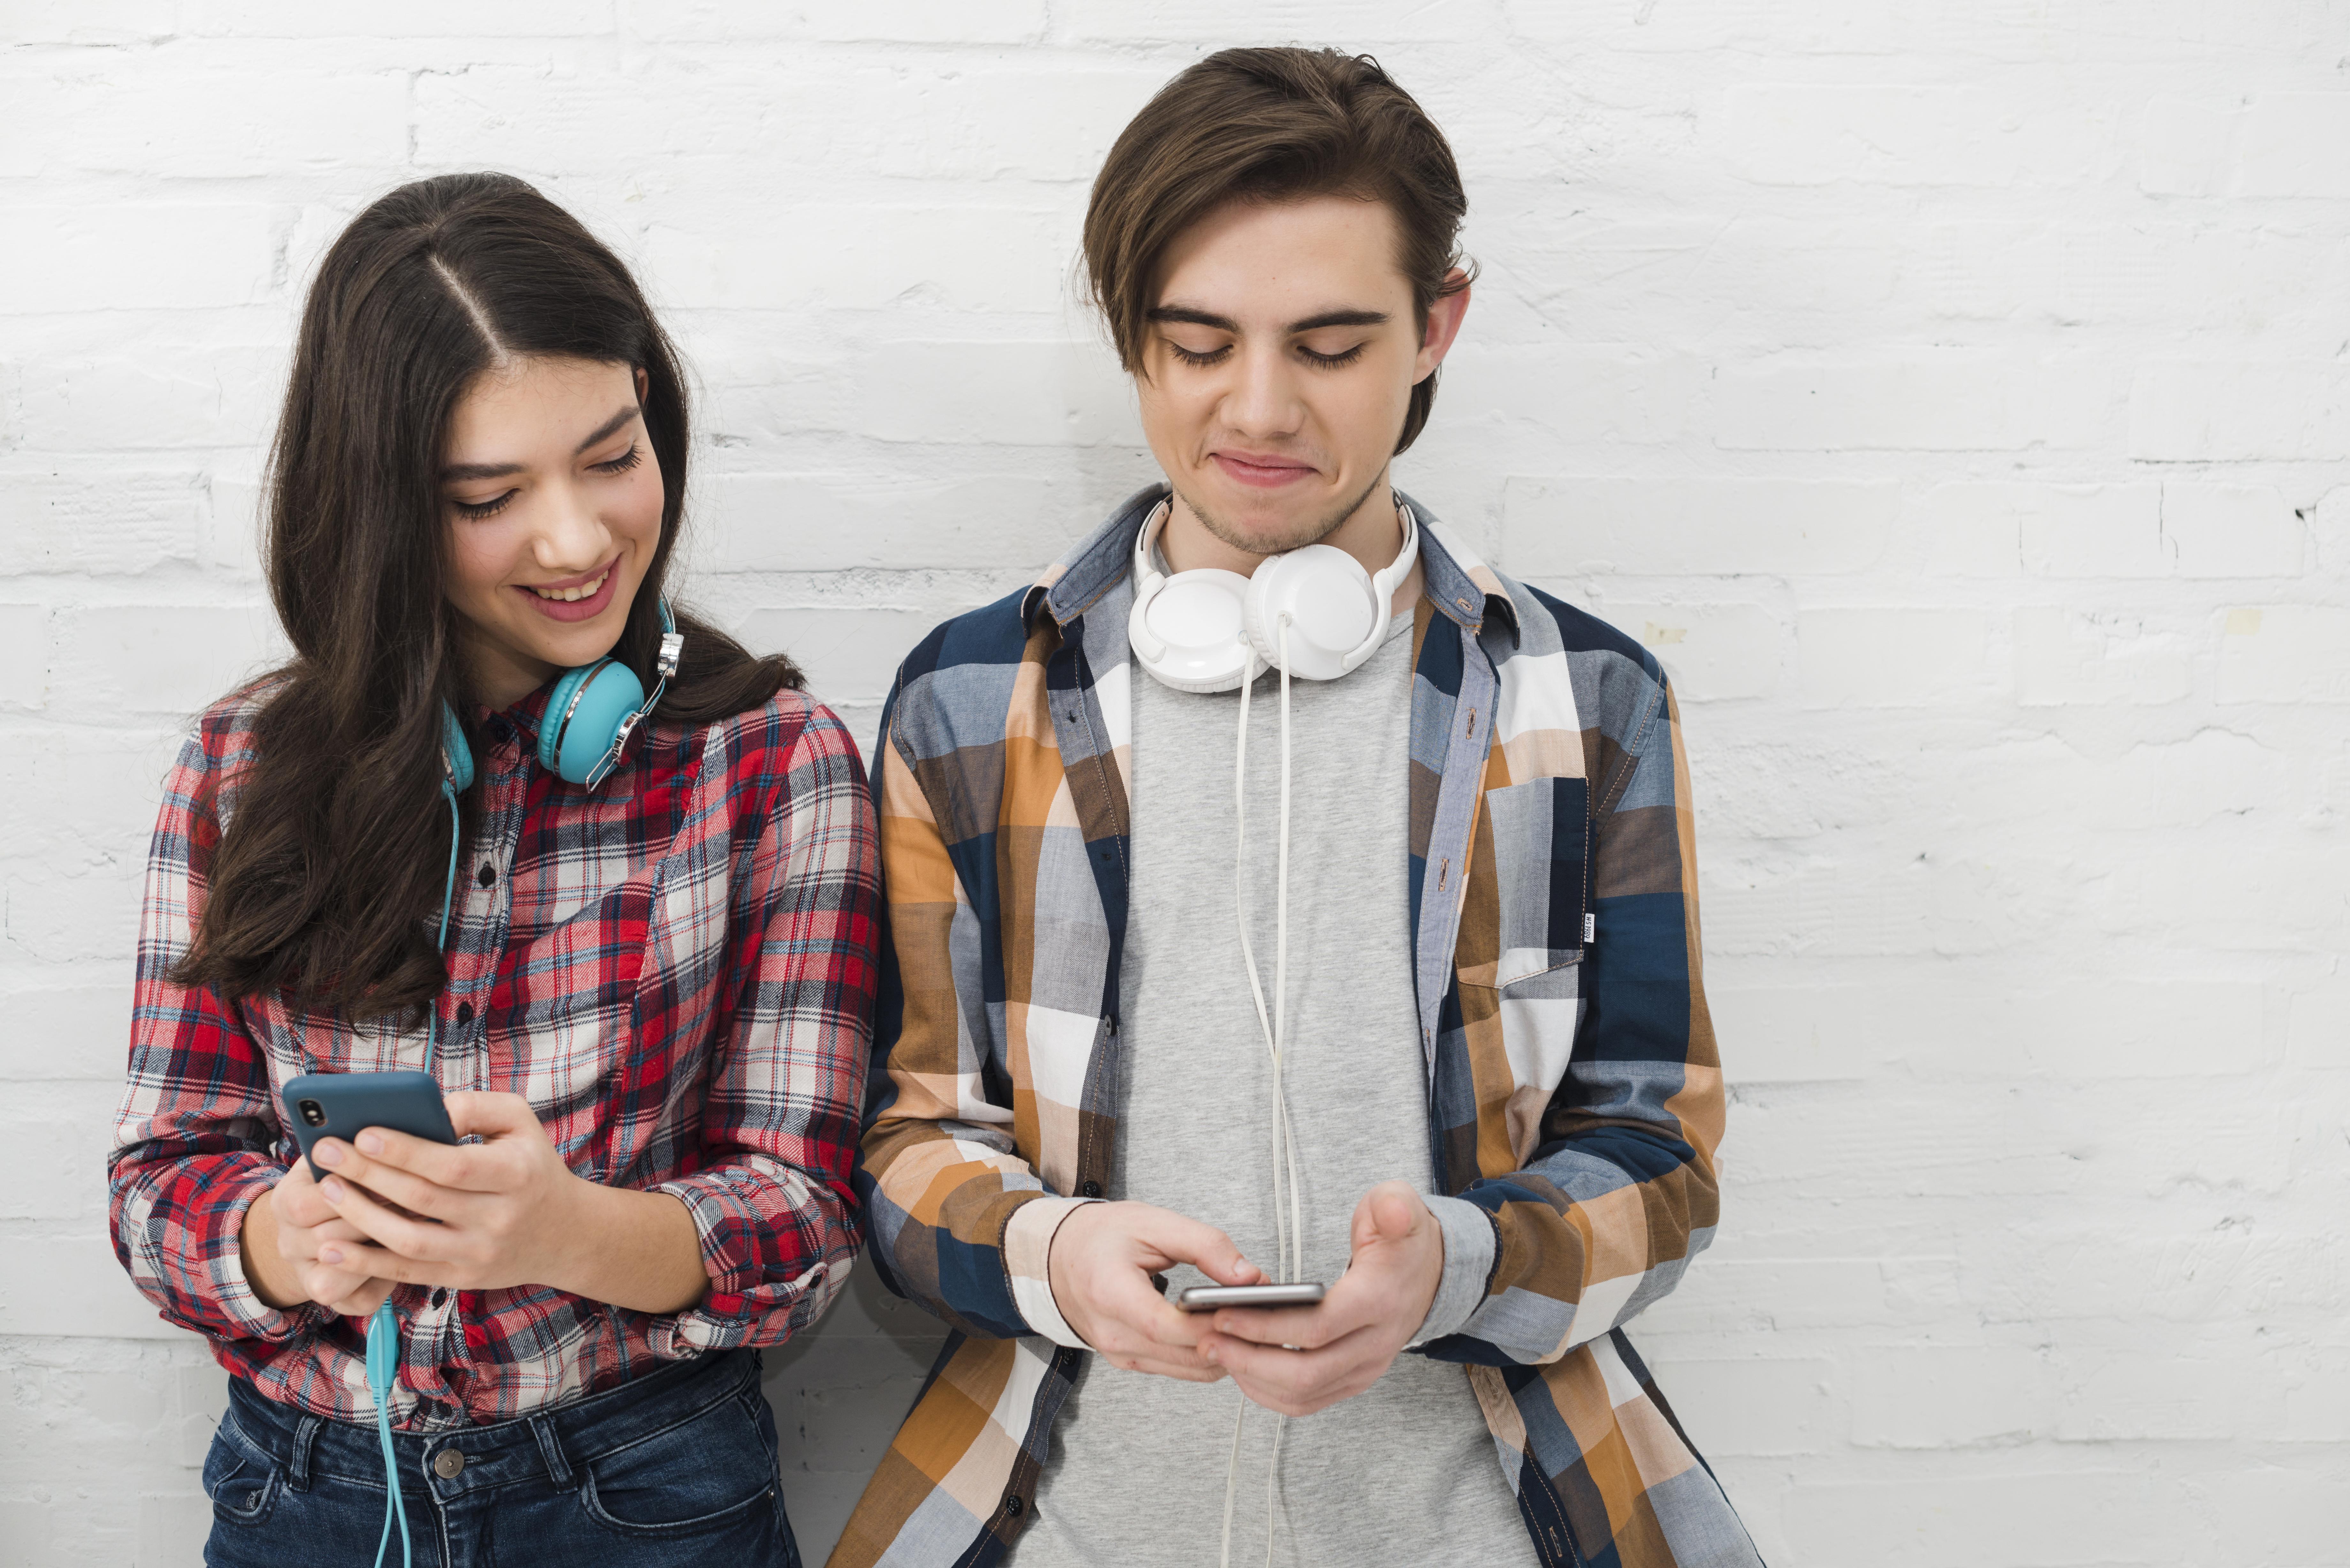 Apps educativas para secundaria: una forma de aprender valores